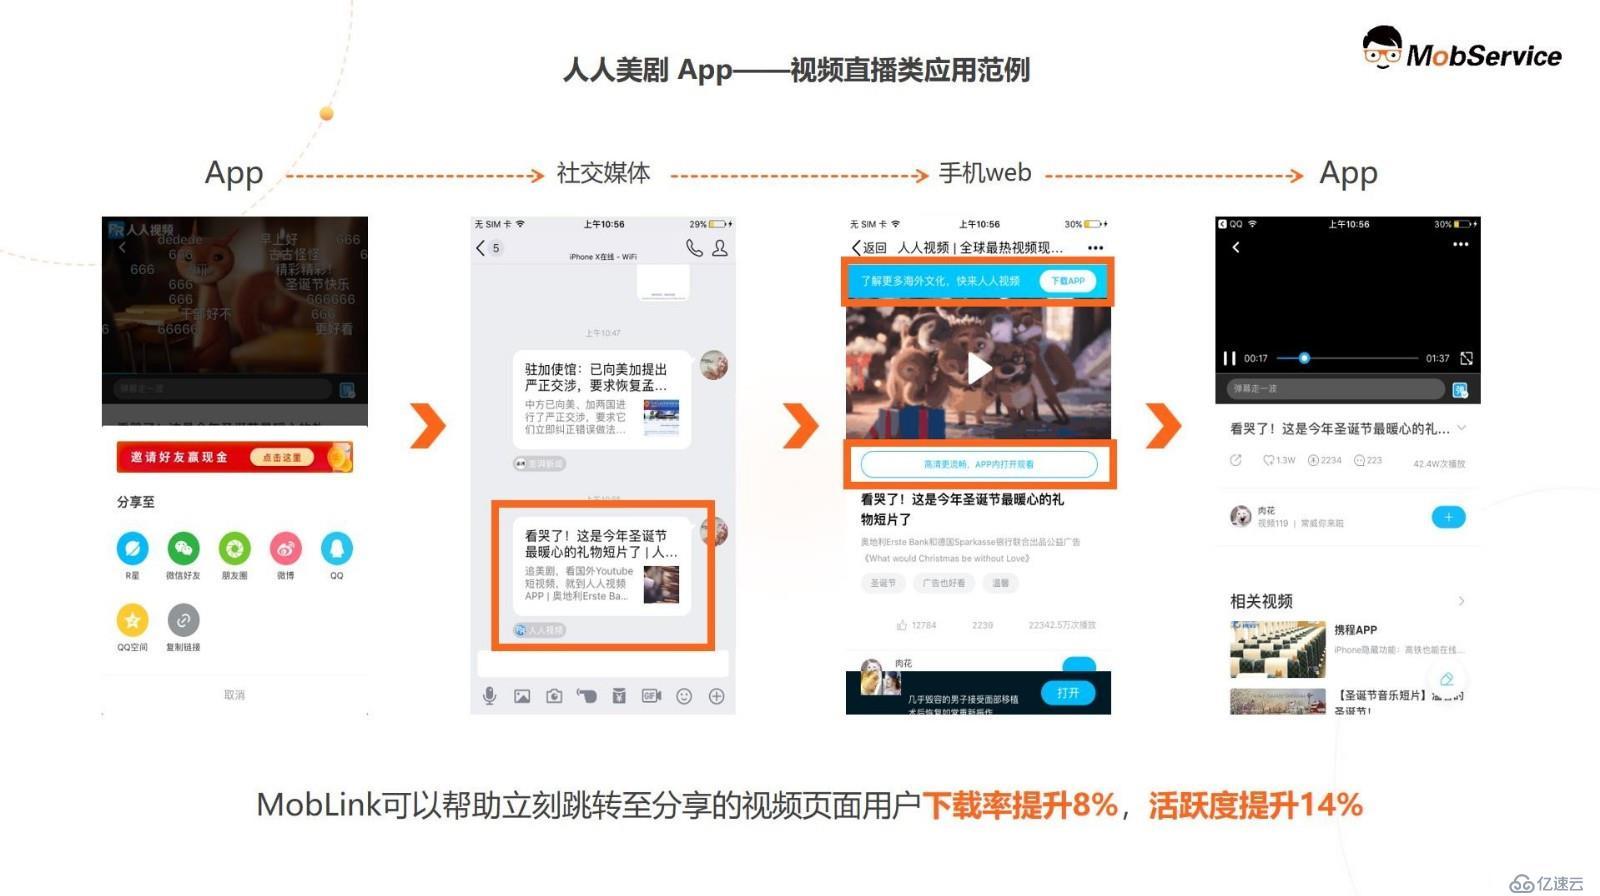 打破Web・App壁垒,一键跳转链接各种场景